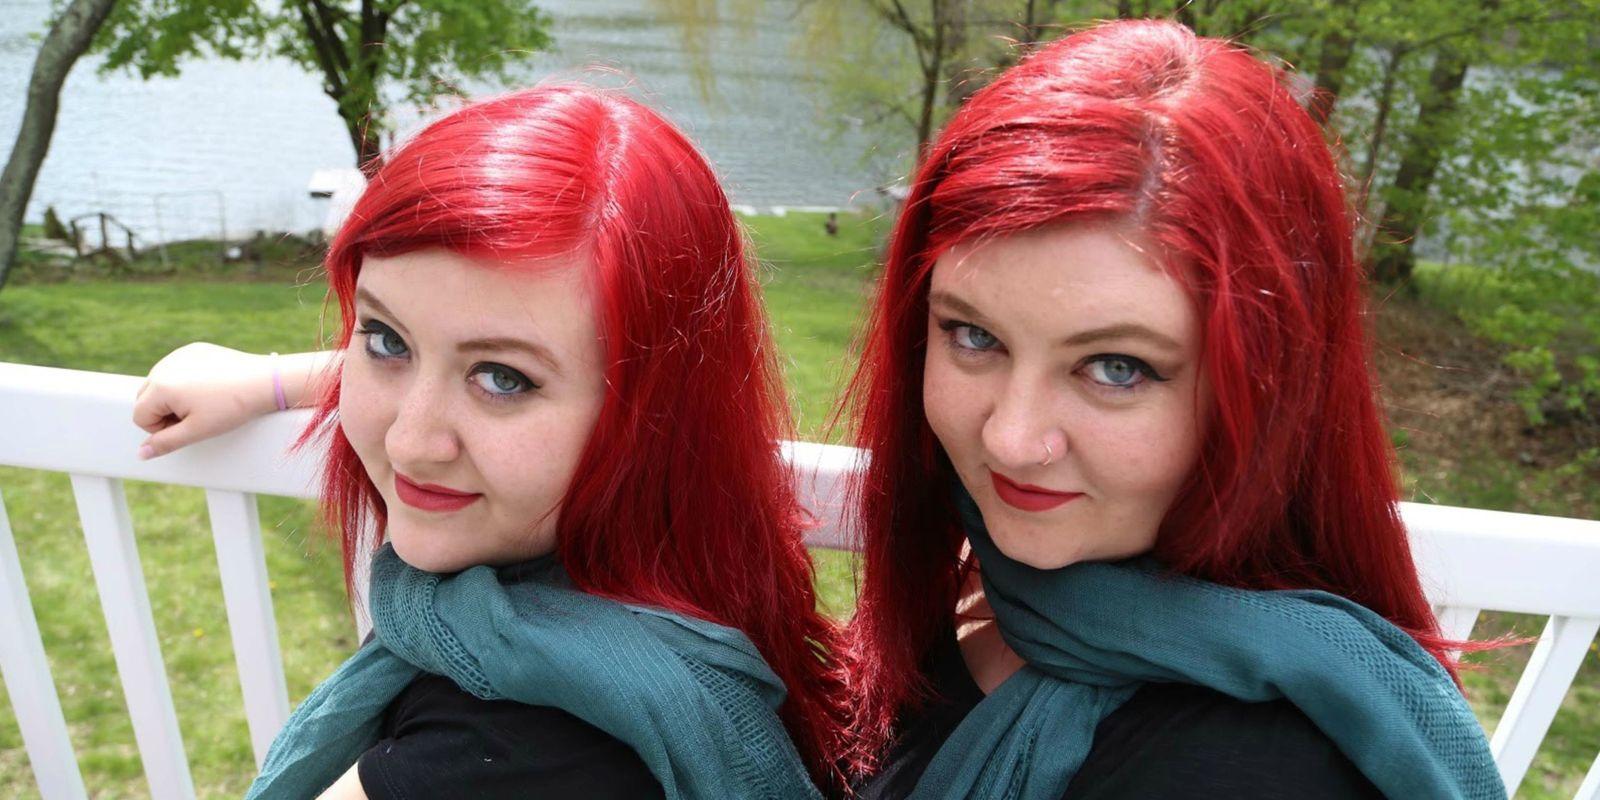 doppelgänger finden twin strangers